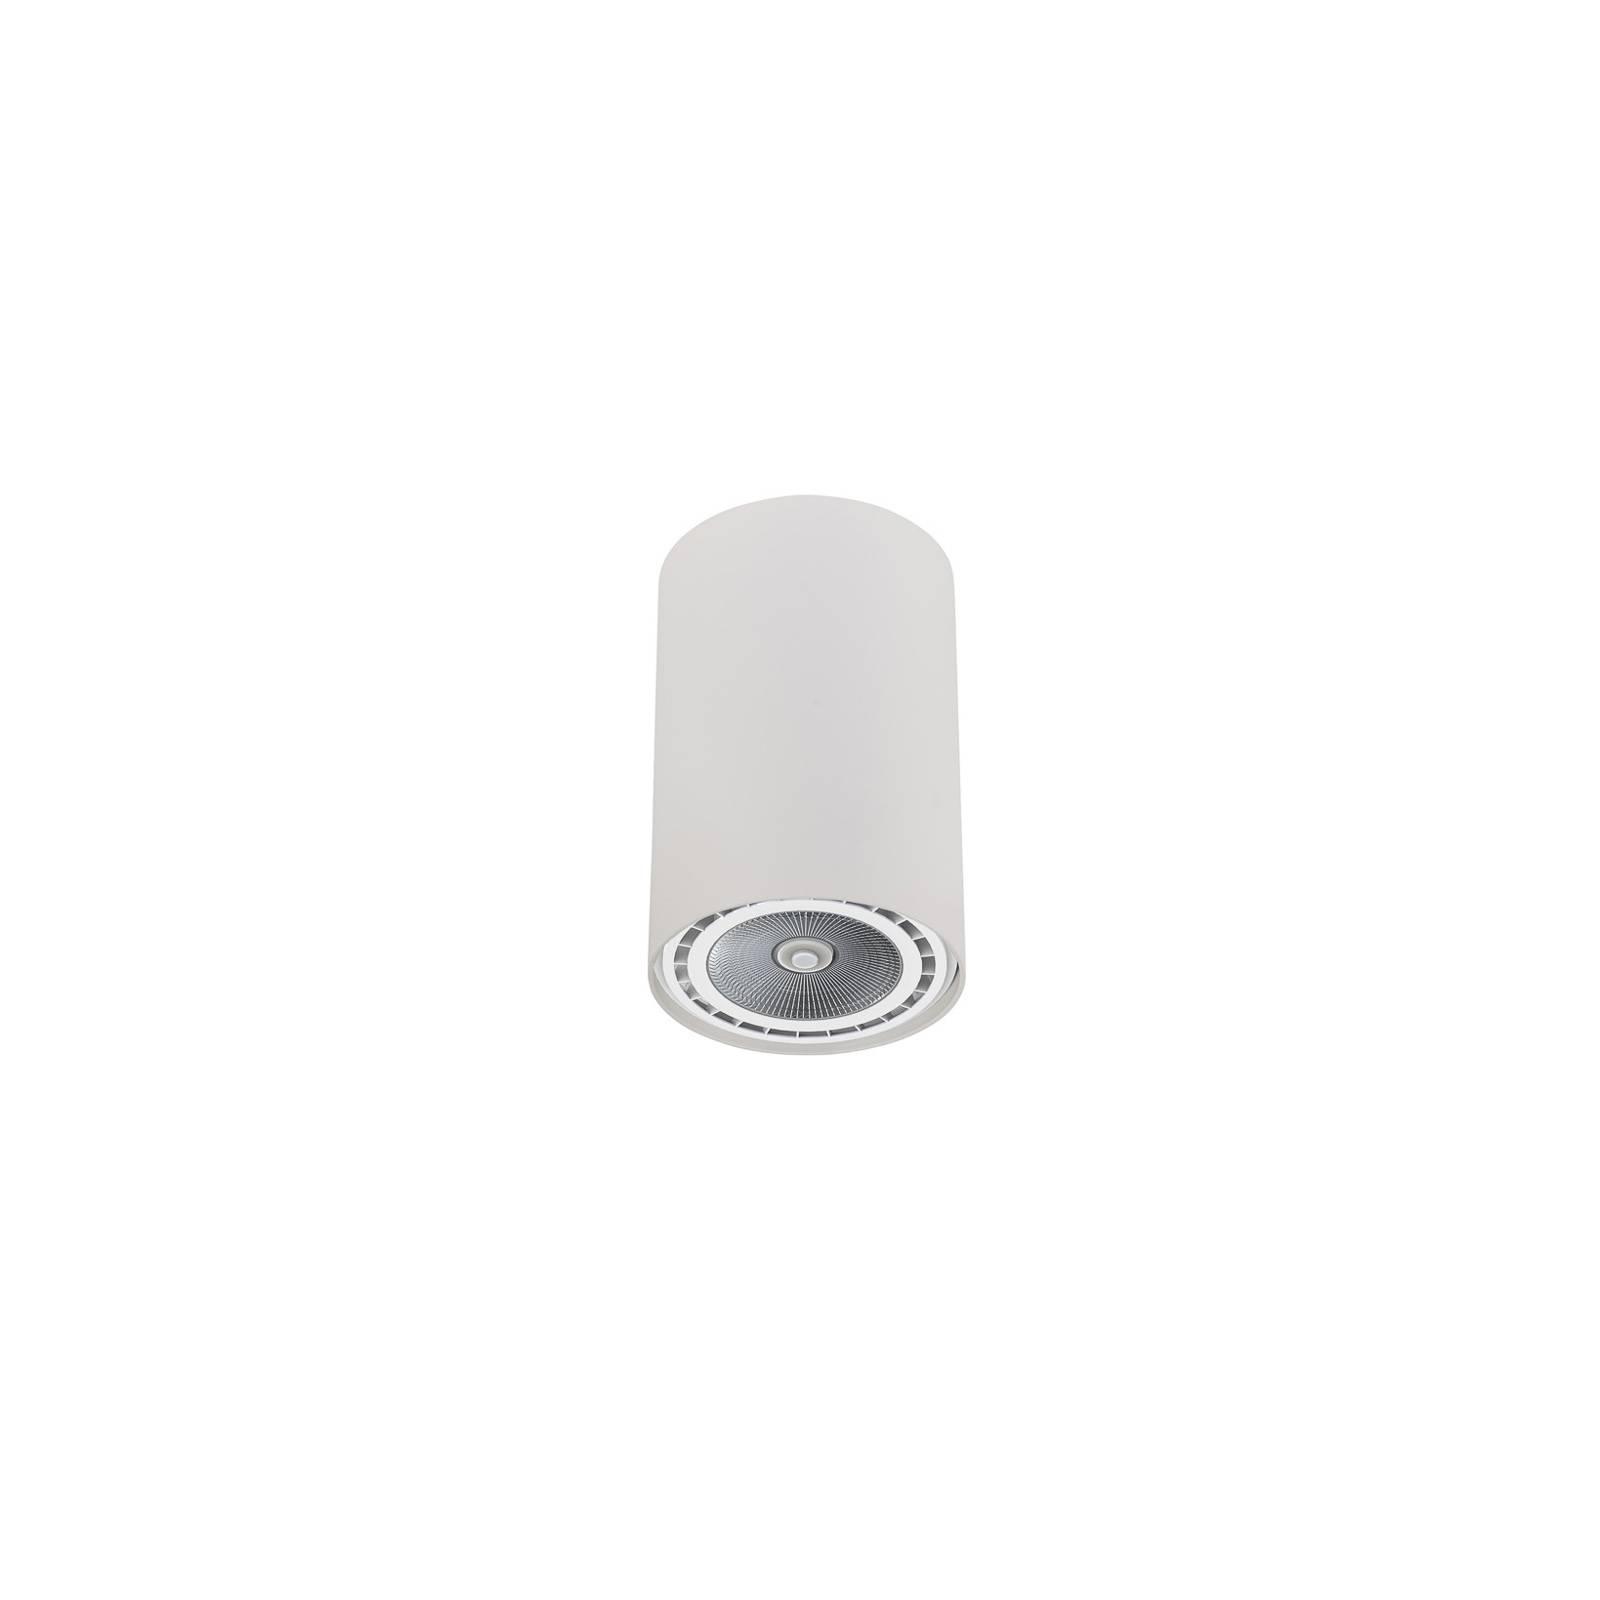 Deckenstrahler Bit in Zylinderform weiß